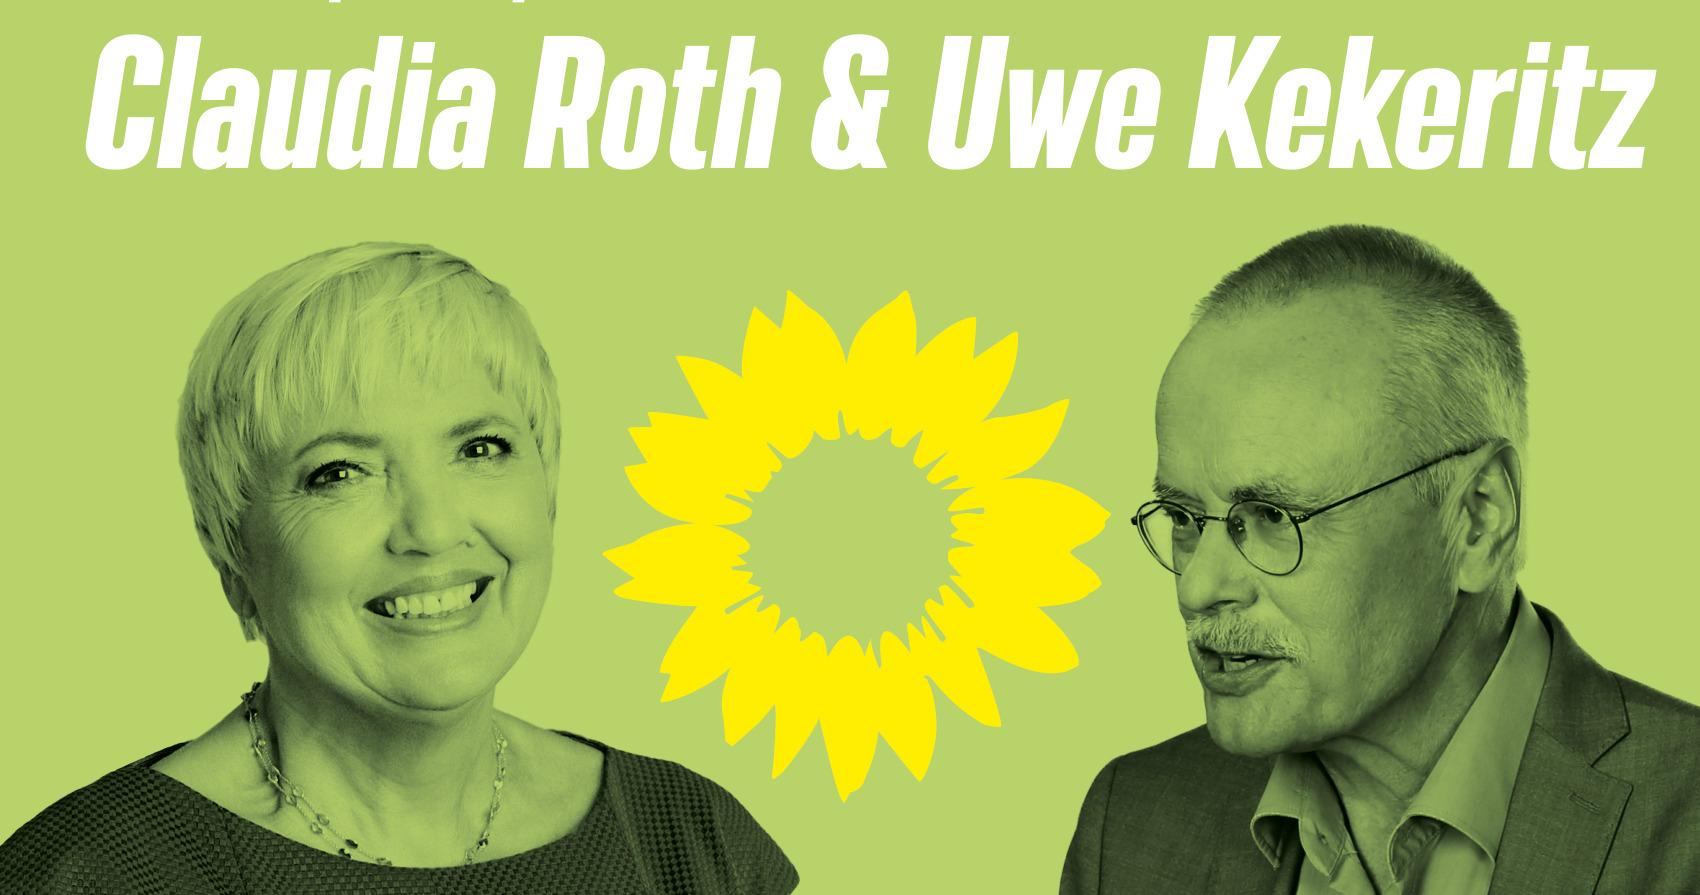 Einladung: Wahlkampfhöhepunkt mit Claudia Roth und Uwe Kekeritz in Zirndorf!